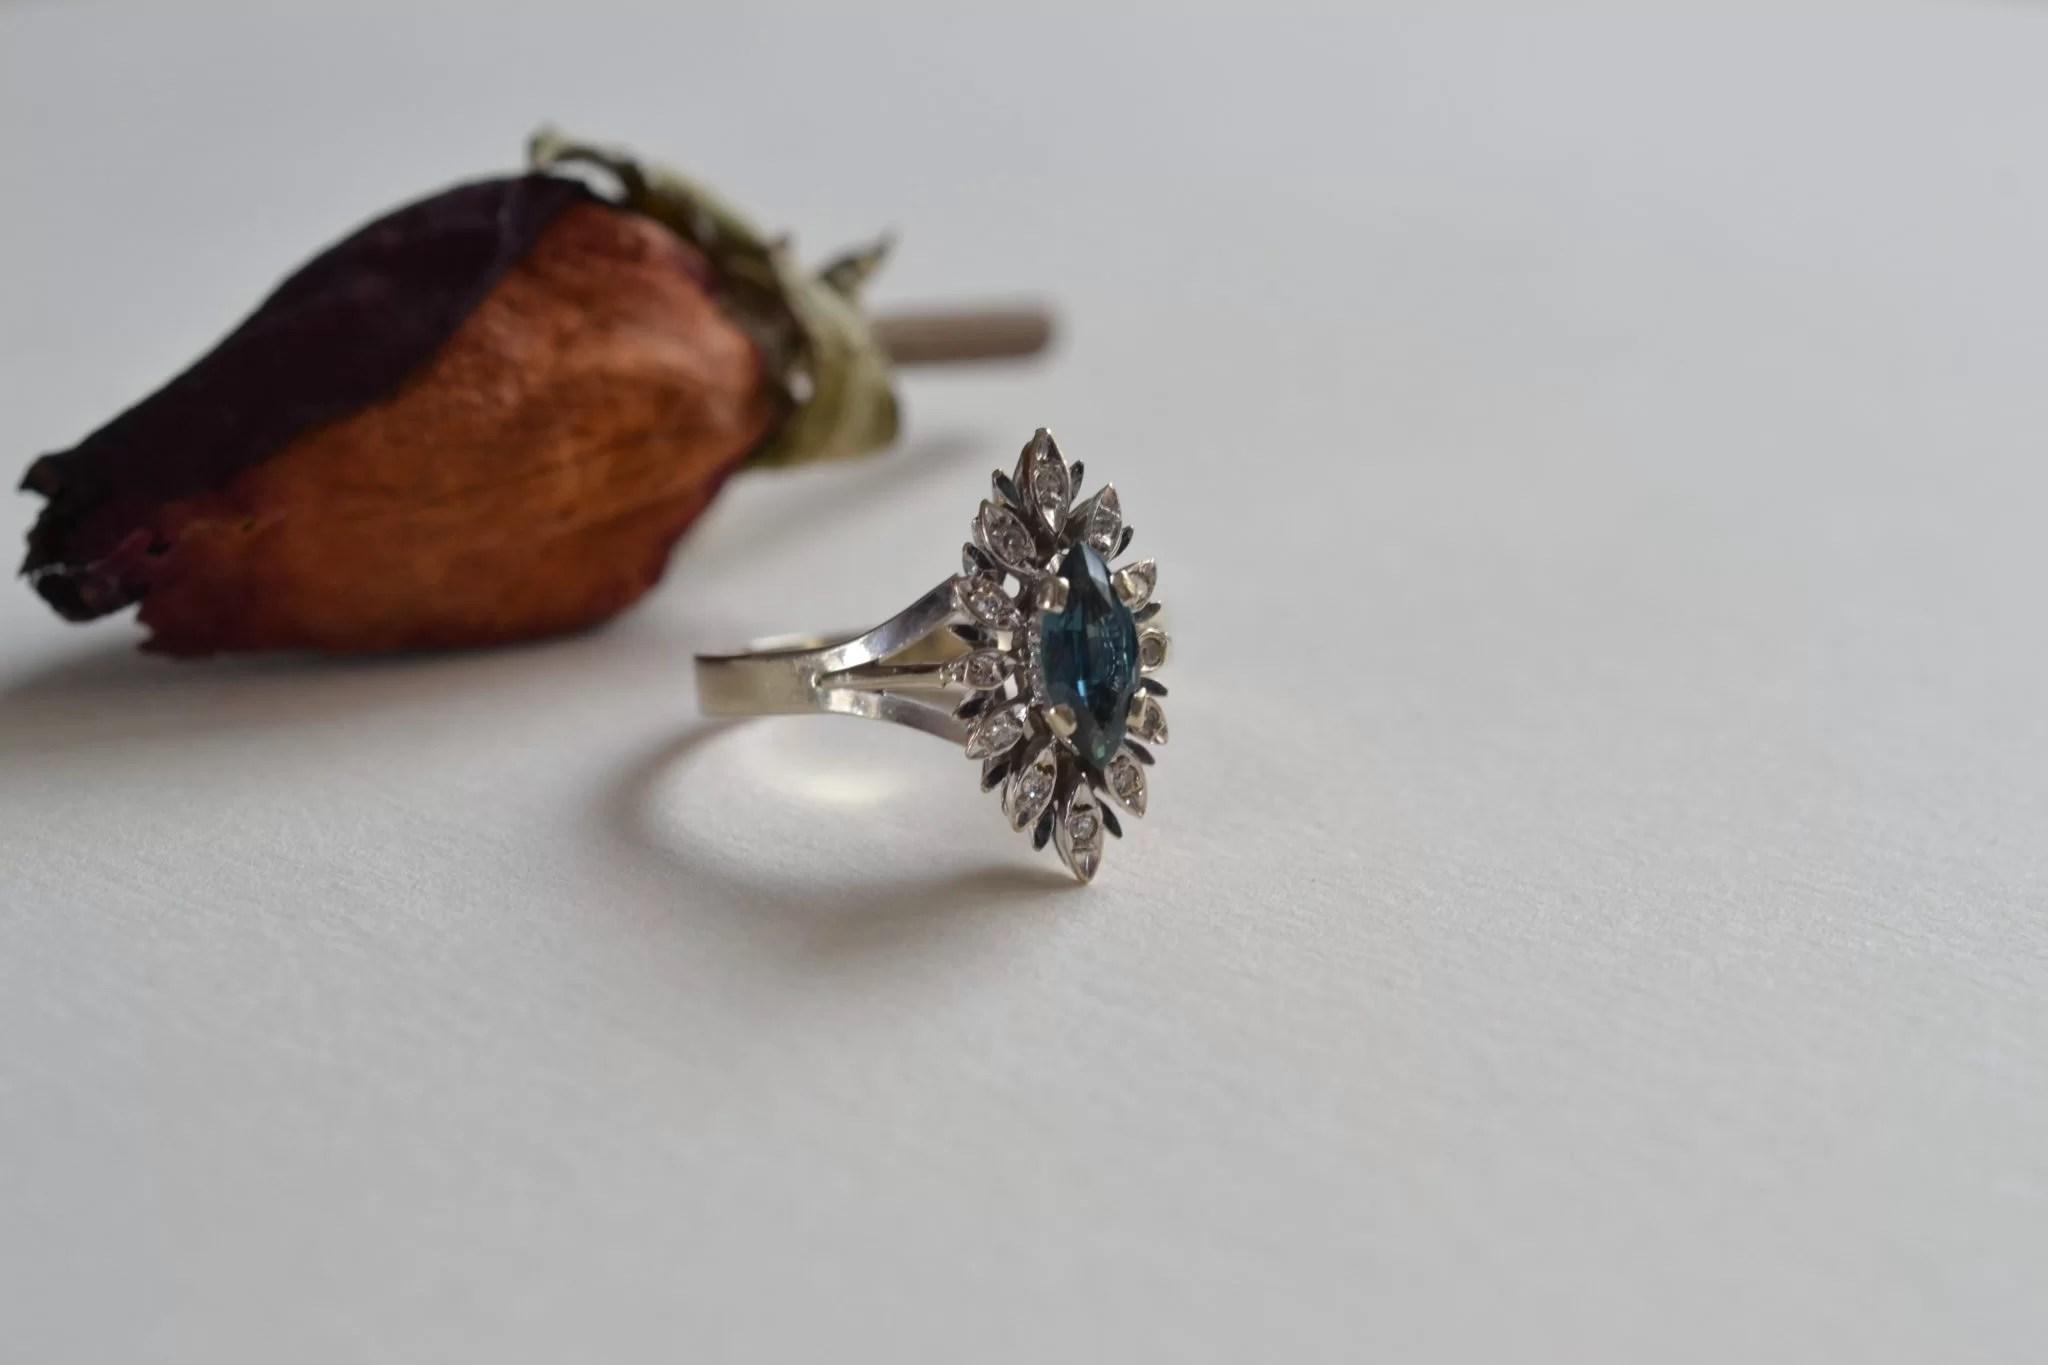 Bague en or gris de forme navette ornée d'une tourmaline bleue entourée de diamants - Bijoux vintage en or - Bague de fiançailles - mariage ecoresponsable